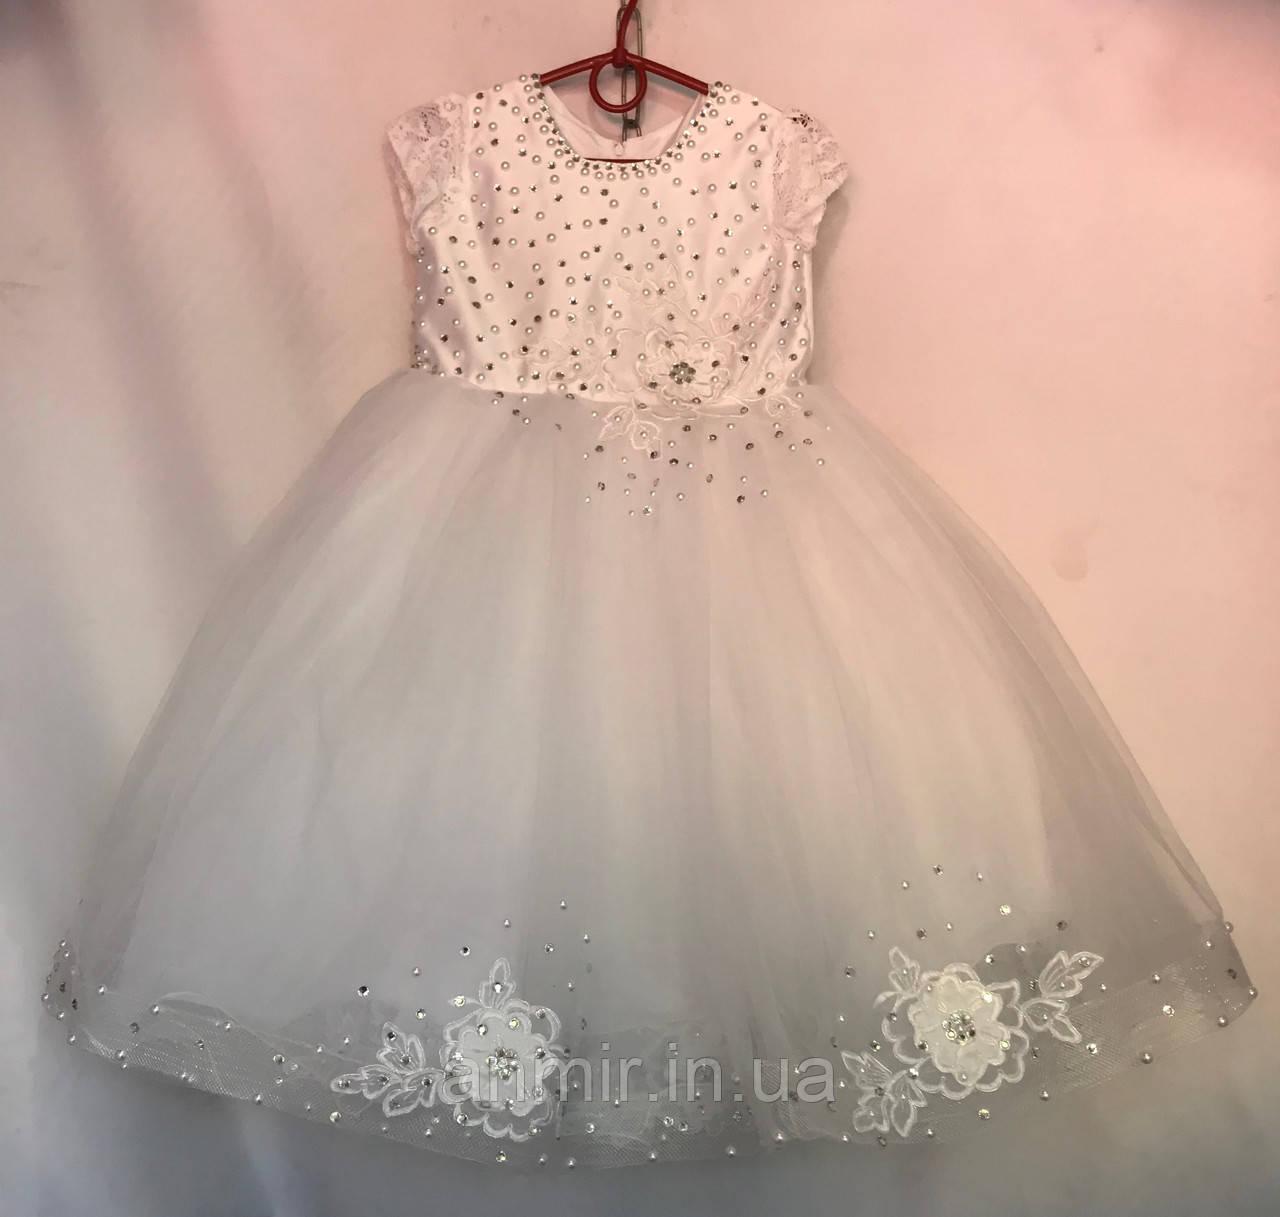 7ad79342b5b95c7 Детское нарядное платье для девочки от 5 до 6 лет,